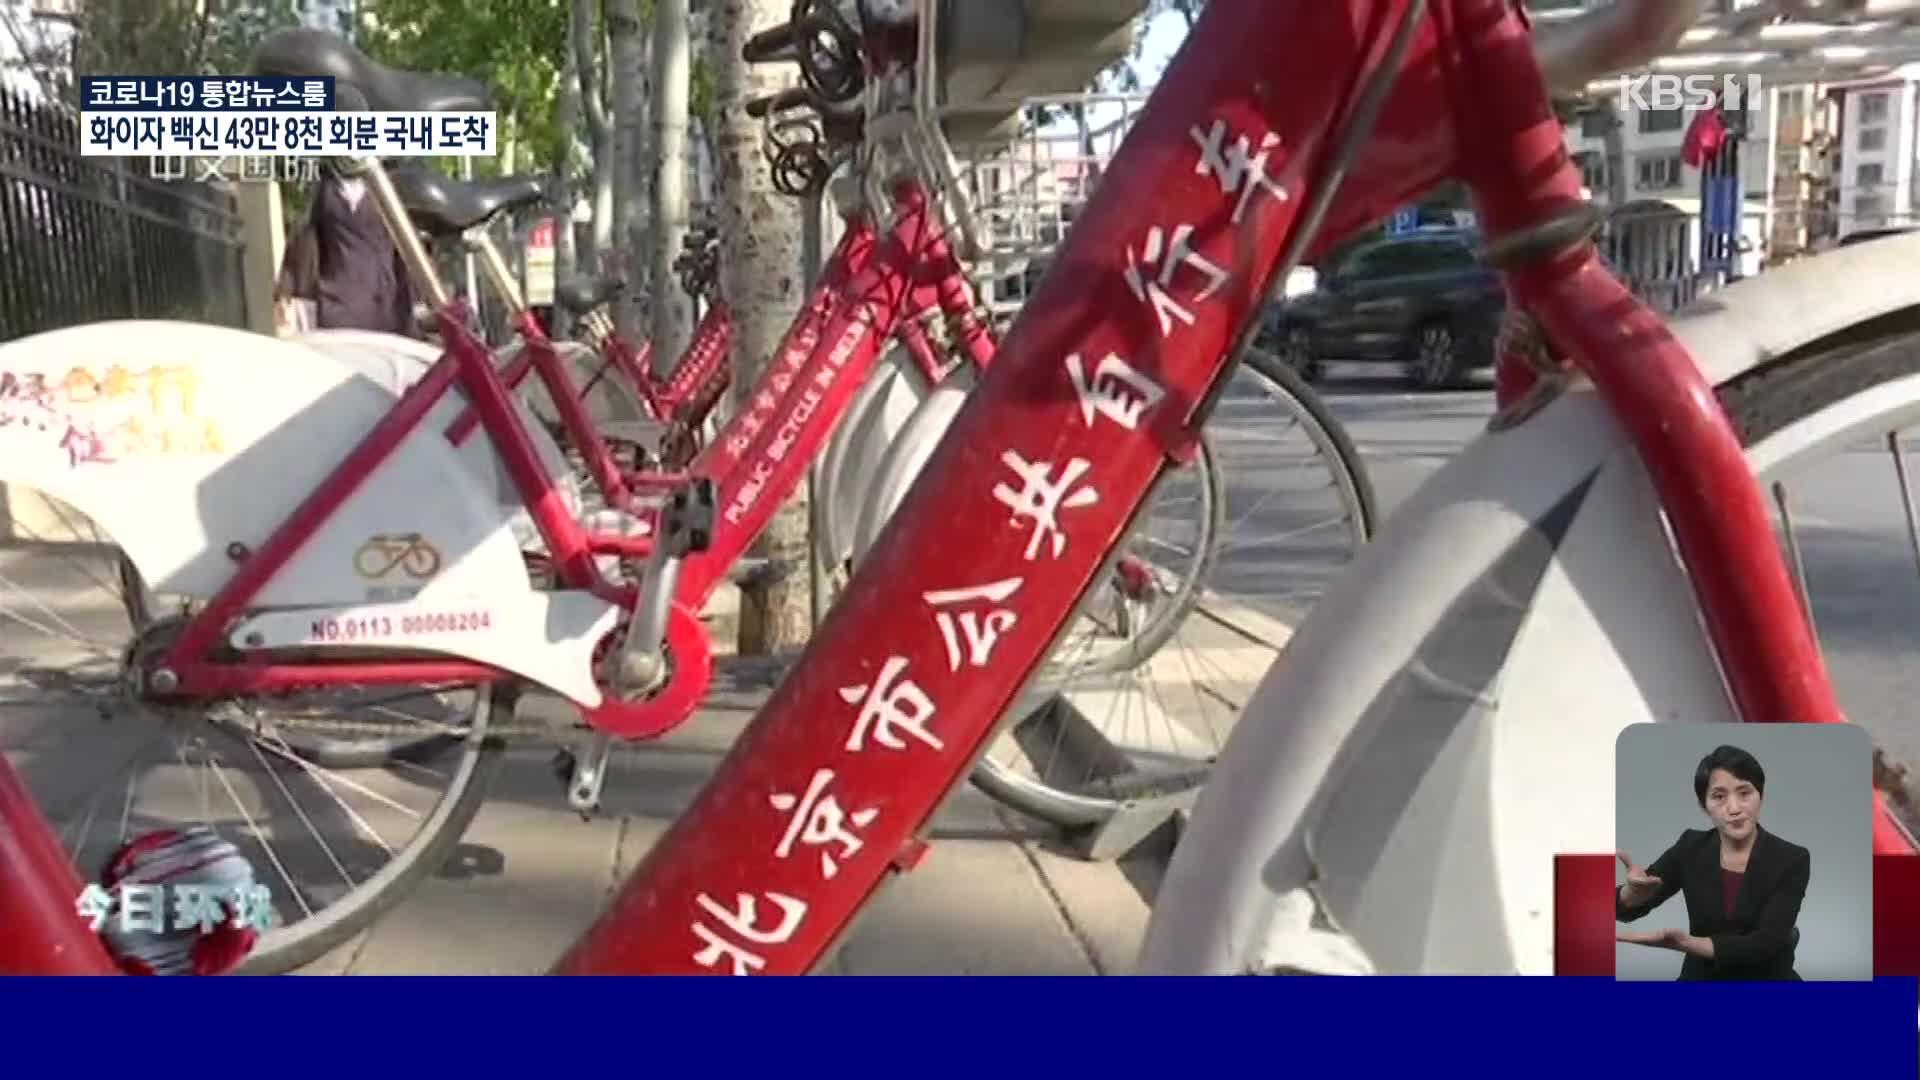 중국, 정부 주도 공공자전거 퇴출 위기